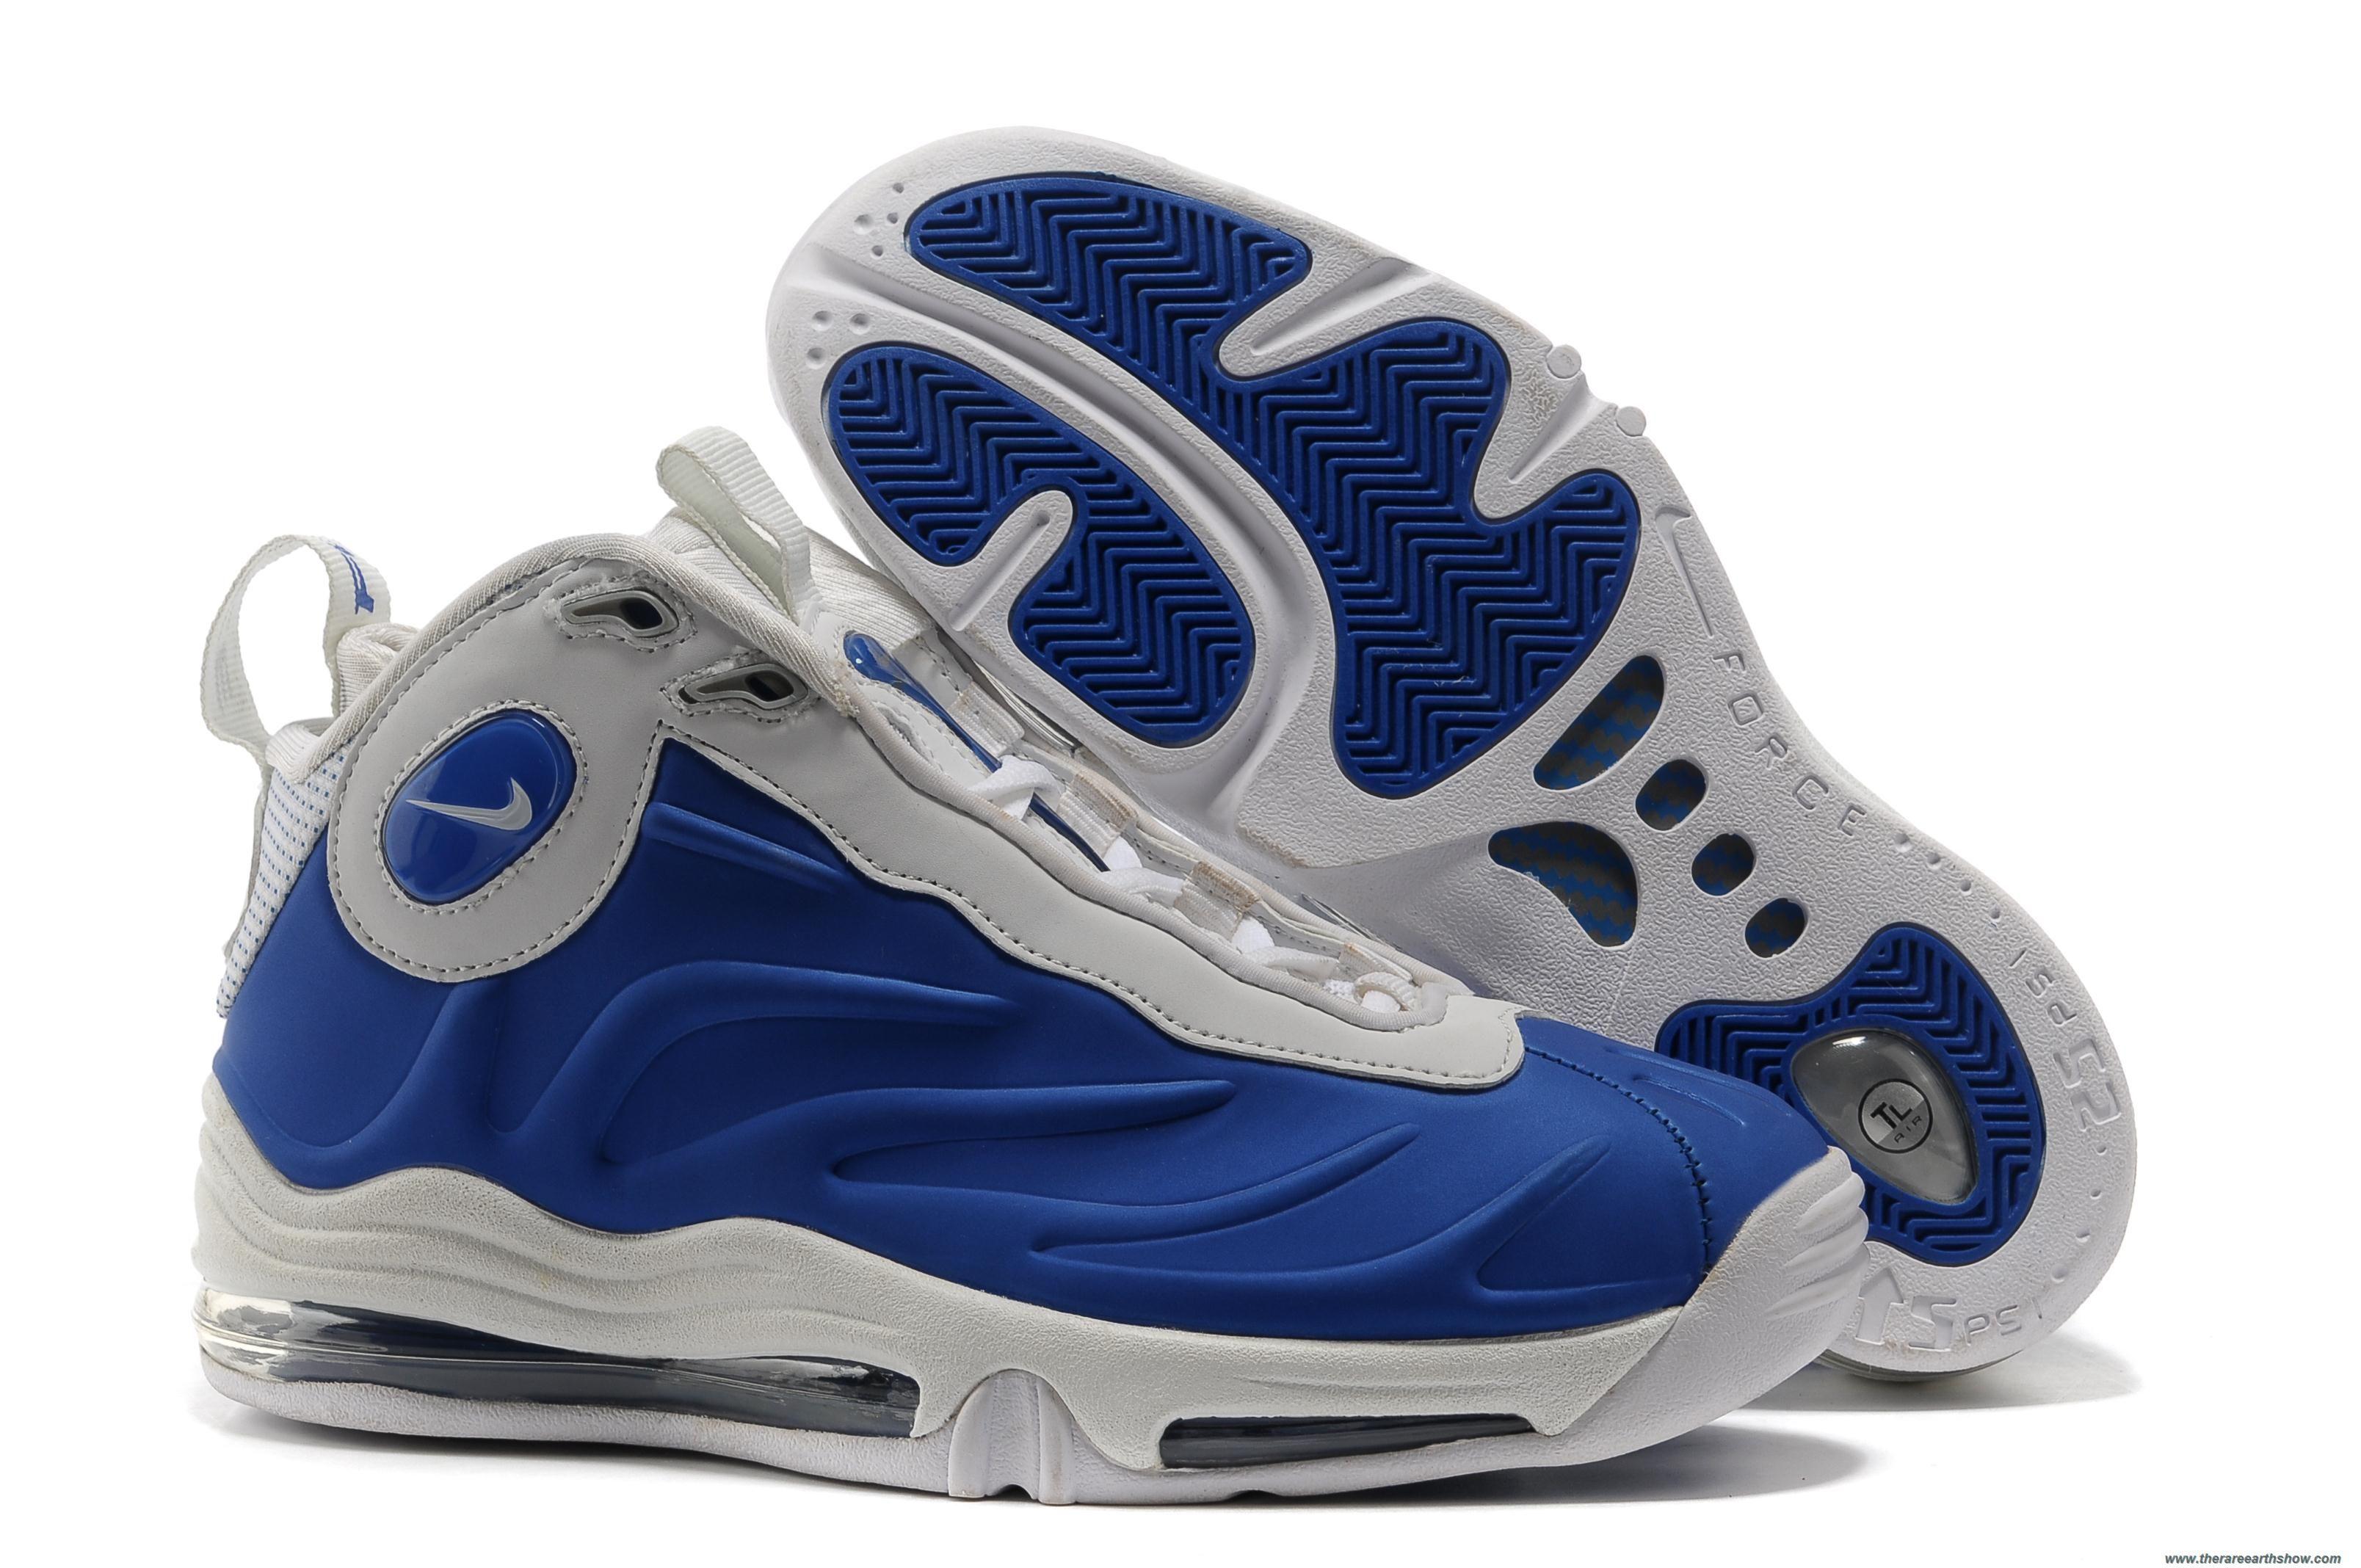 online retailer 8a3a1 cbe03 Cheap Nike Air Total Foamposite Max White Royal Blue